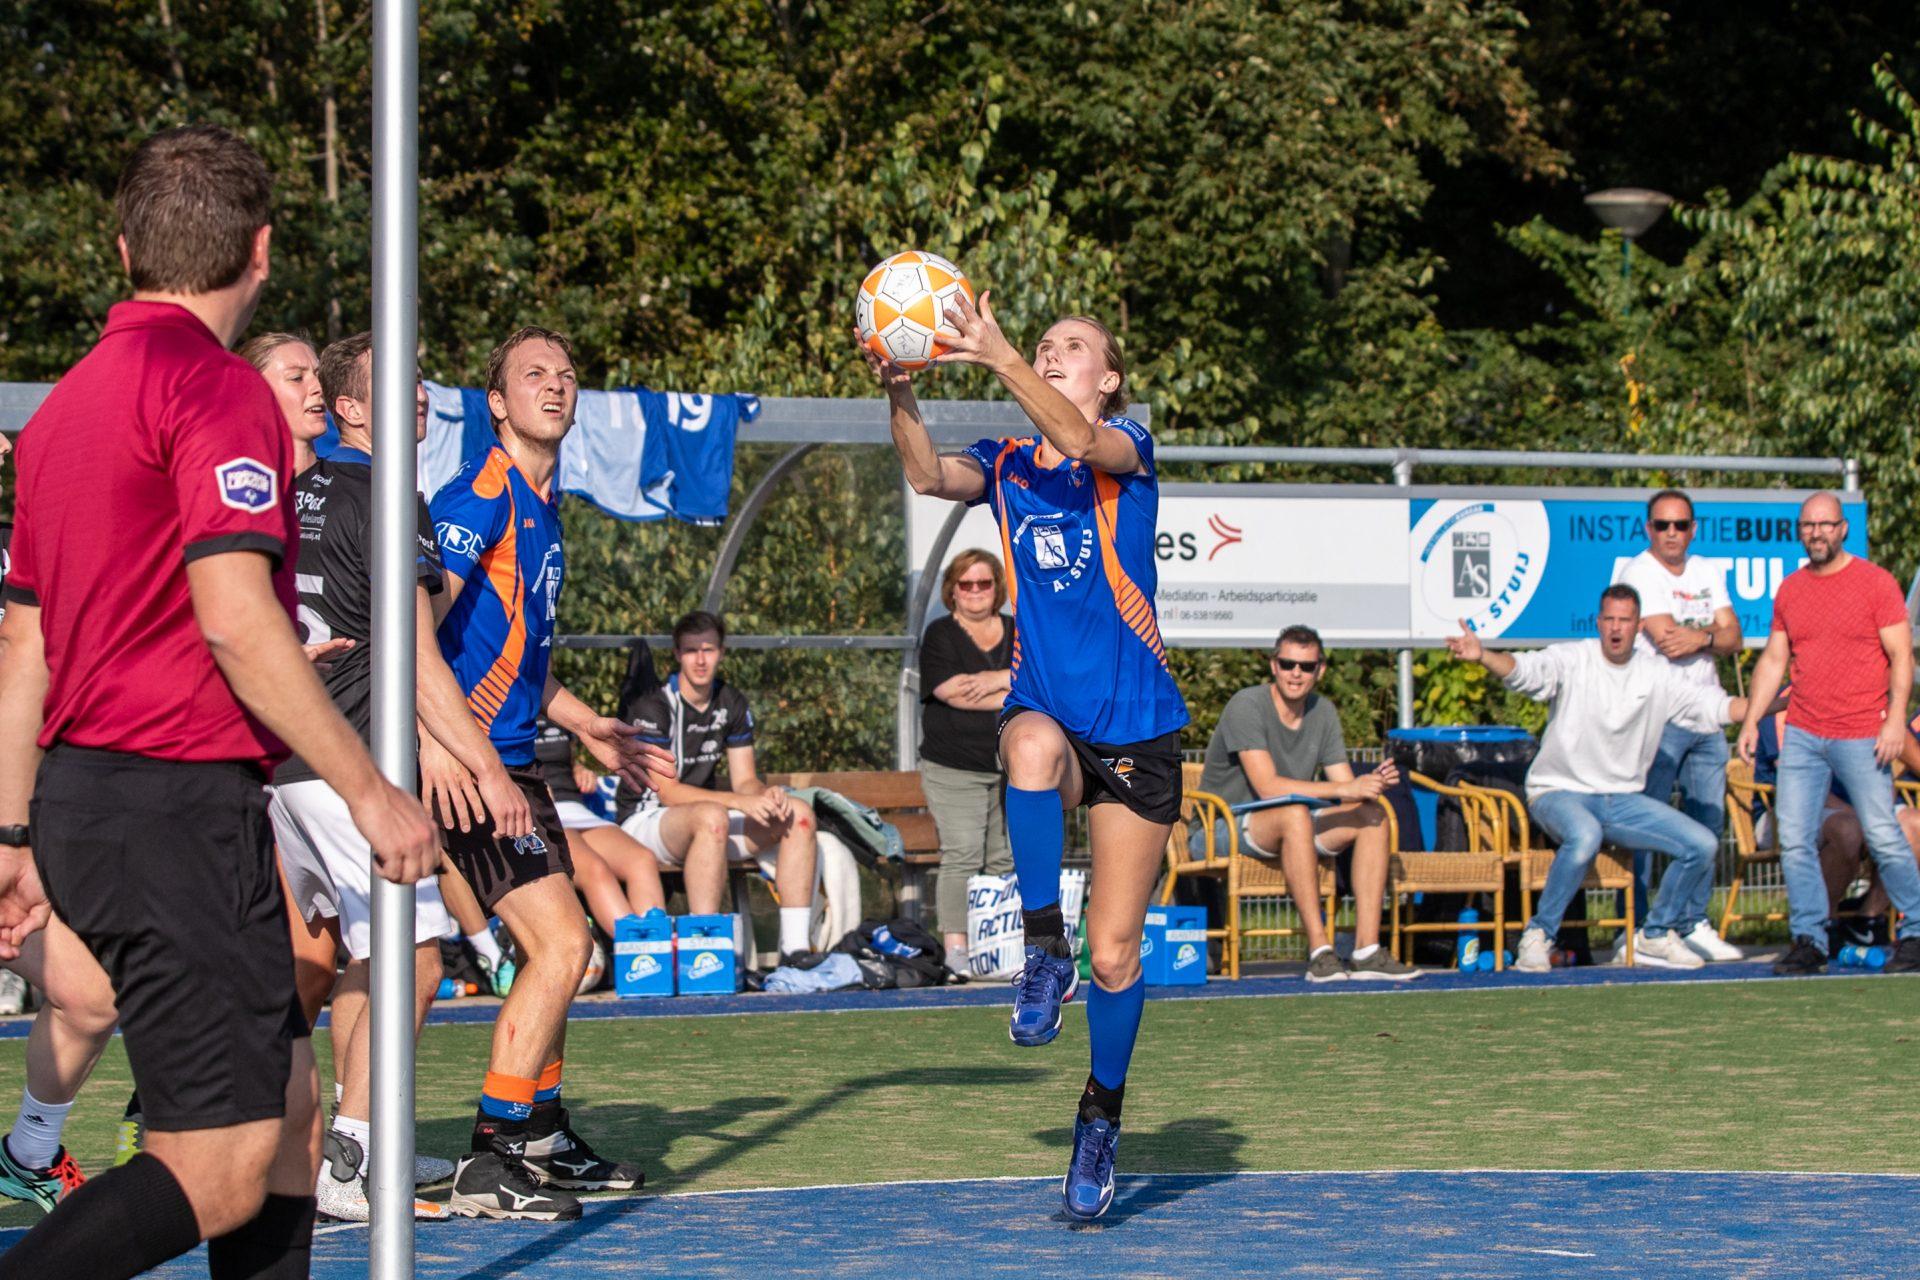 Hoofdklasse Round-Up #5: Tempo en Oost-Arnhem in evenwicht, DSC te sterk voor Dalto